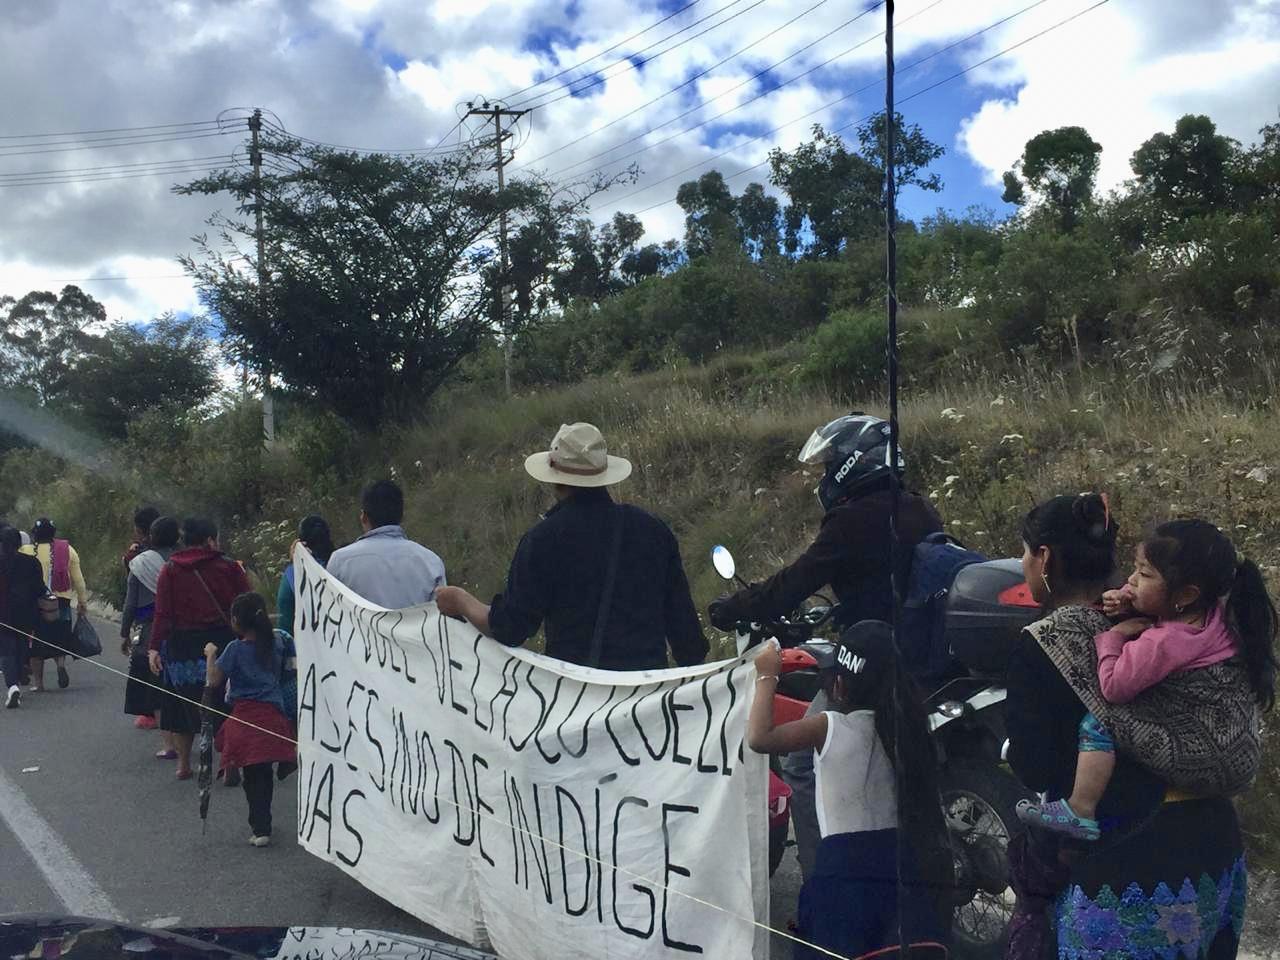 Cifra de desplazados continúa al alza por la violencia en el país, reporta red activista